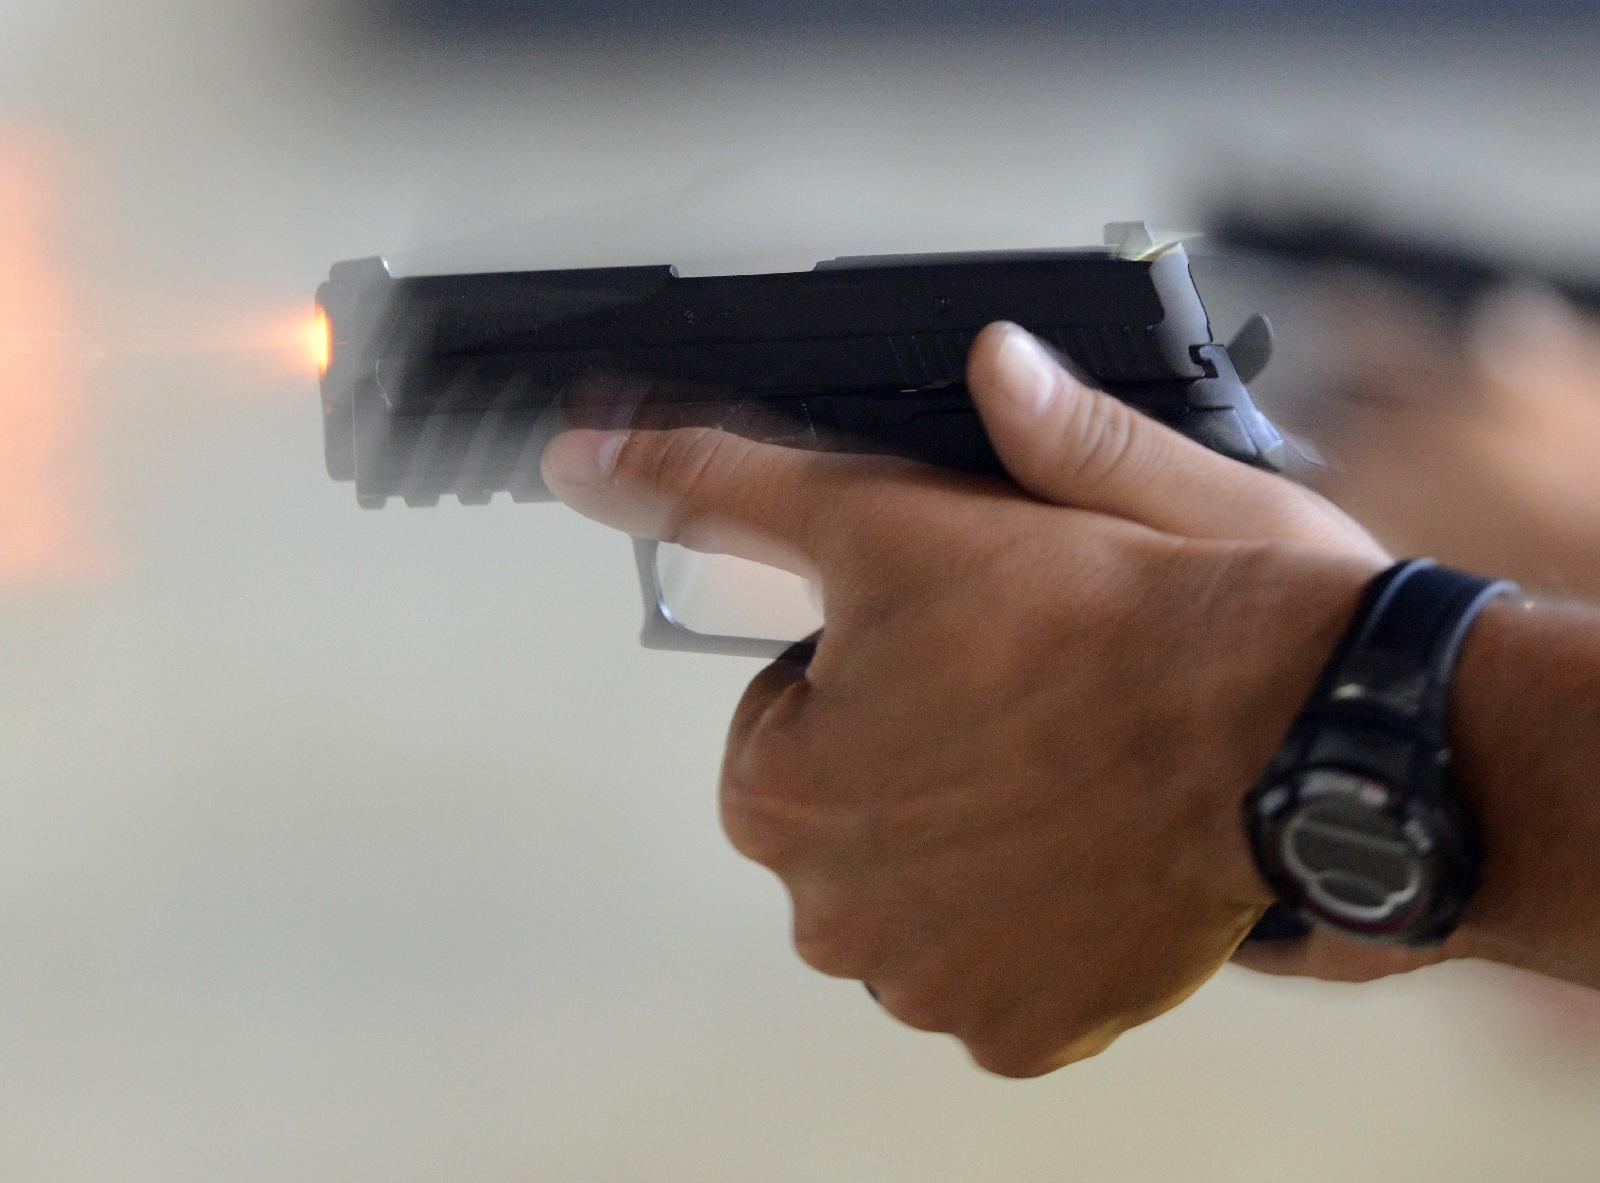 Sig Sauer: 5 Best Guns Ever to Fire A Shot